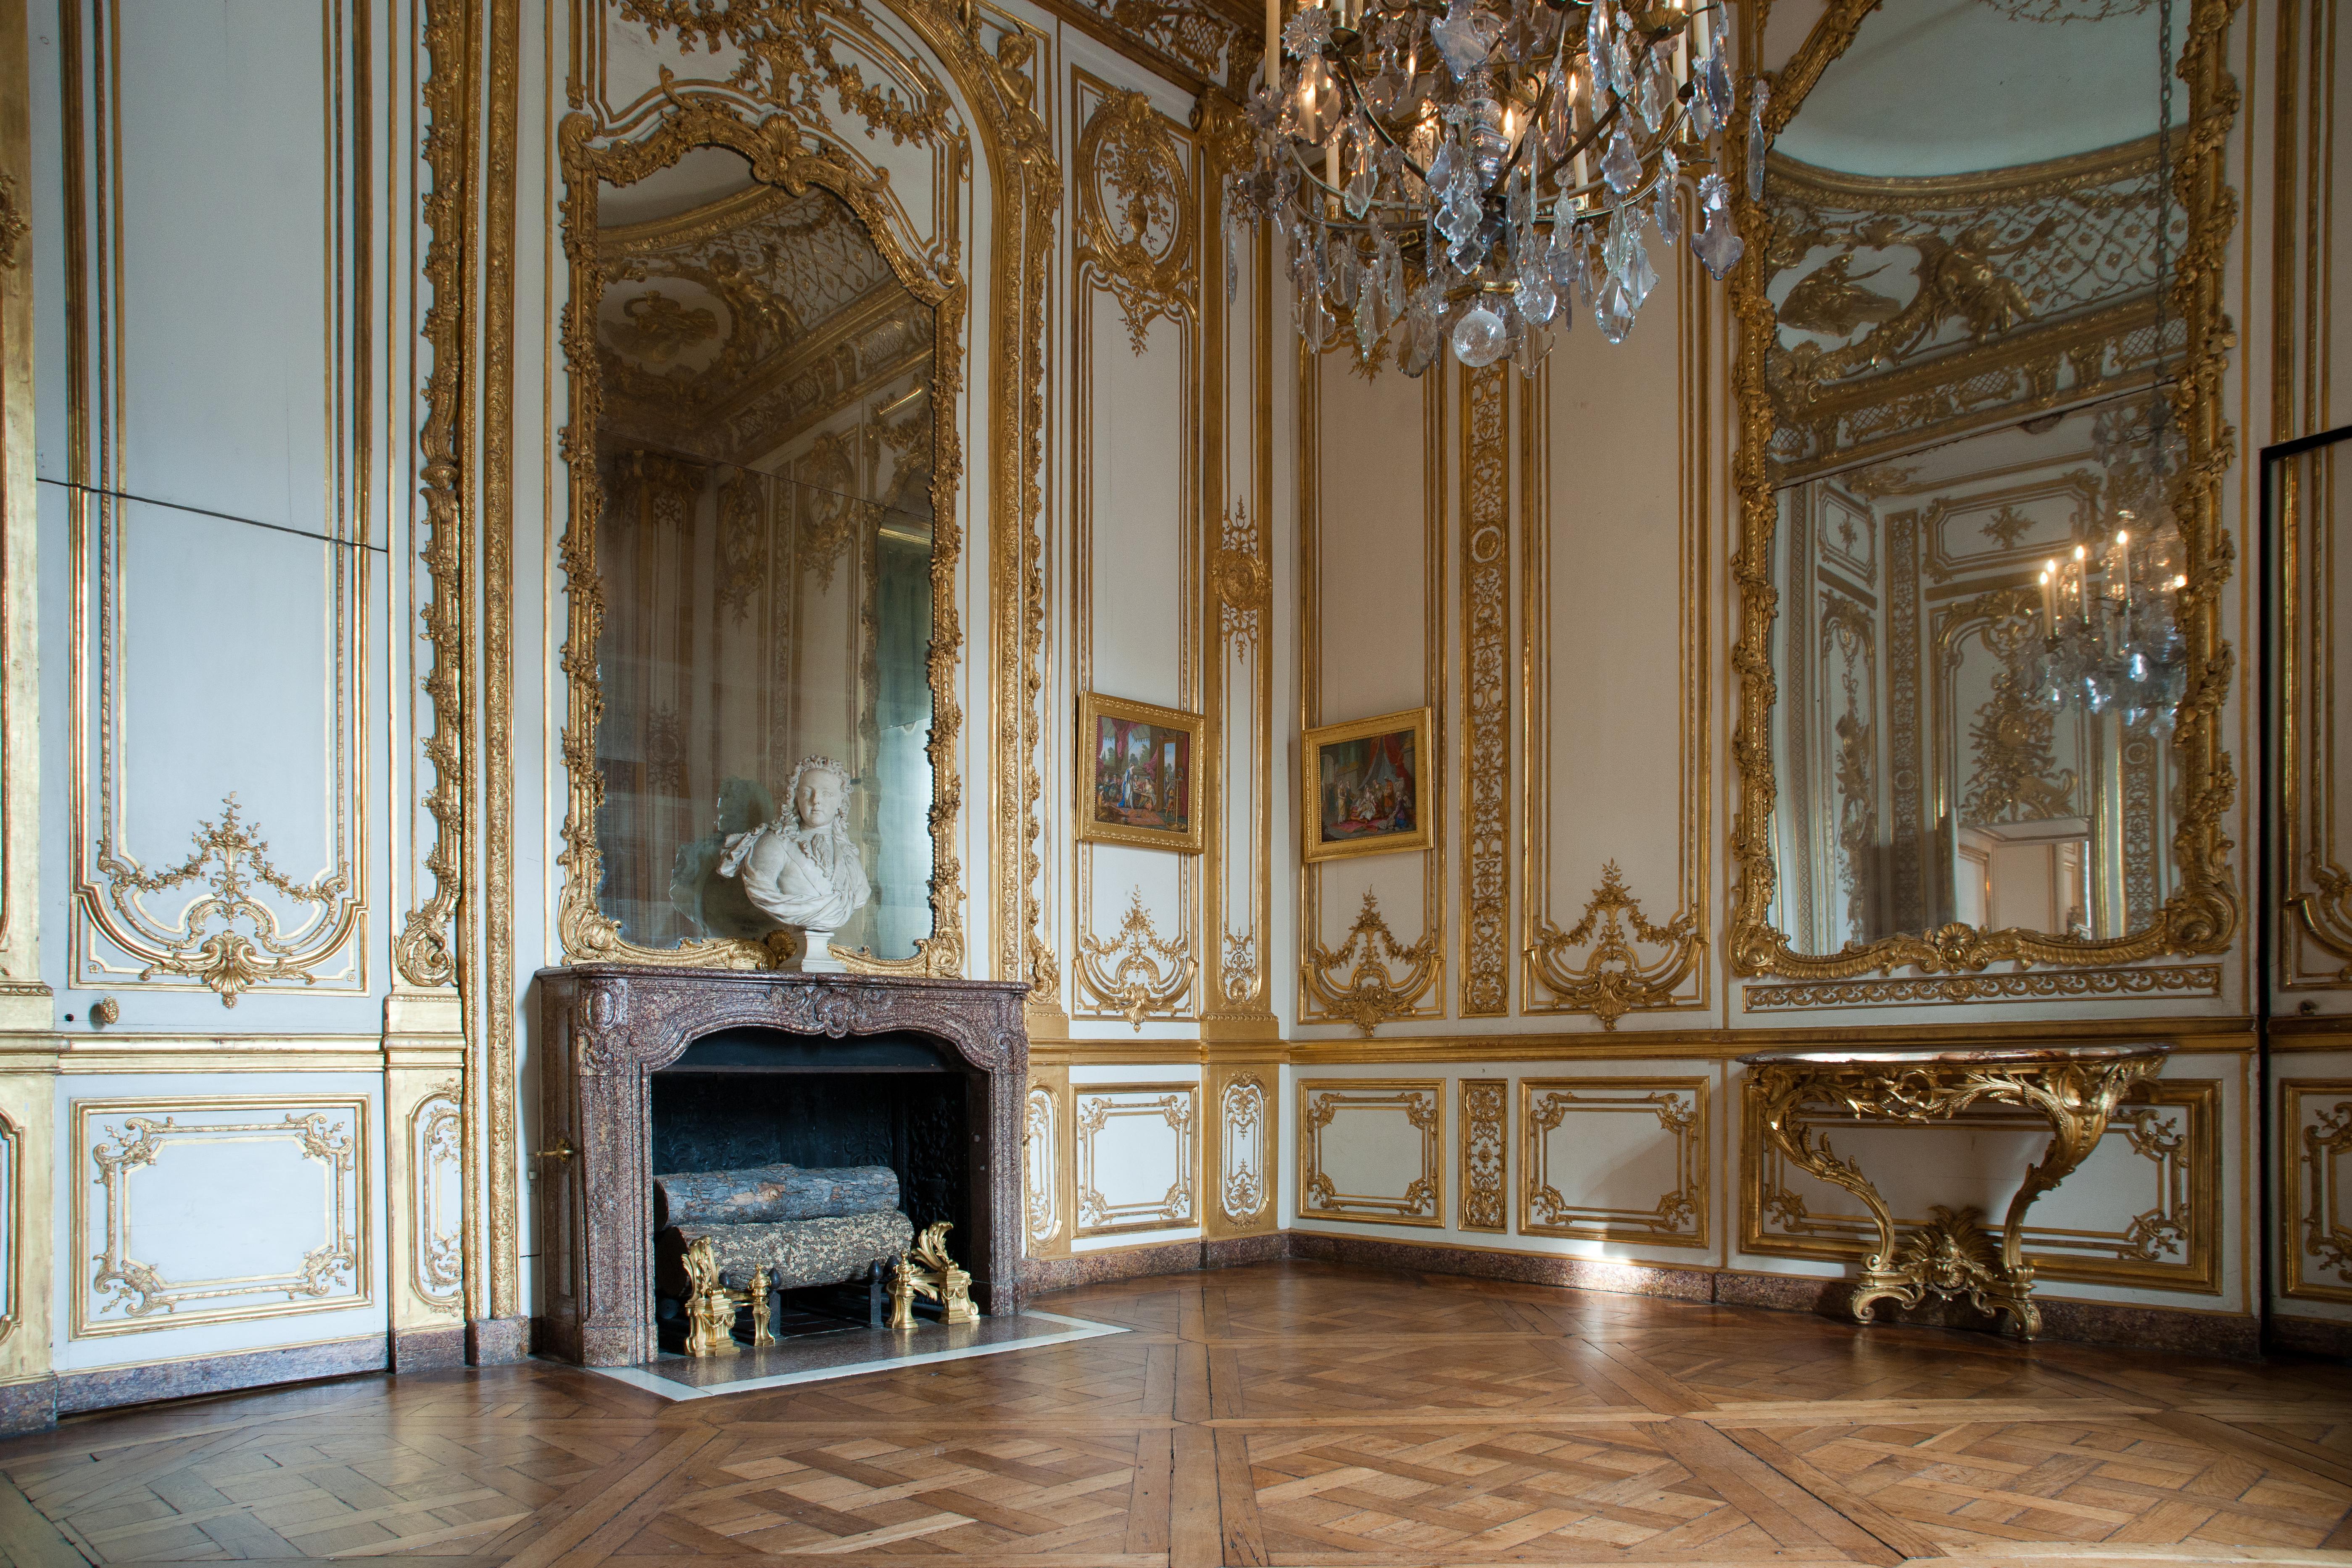 petits appartements du roi suite louis xiv au jour le jour. Black Bedroom Furniture Sets. Home Design Ideas